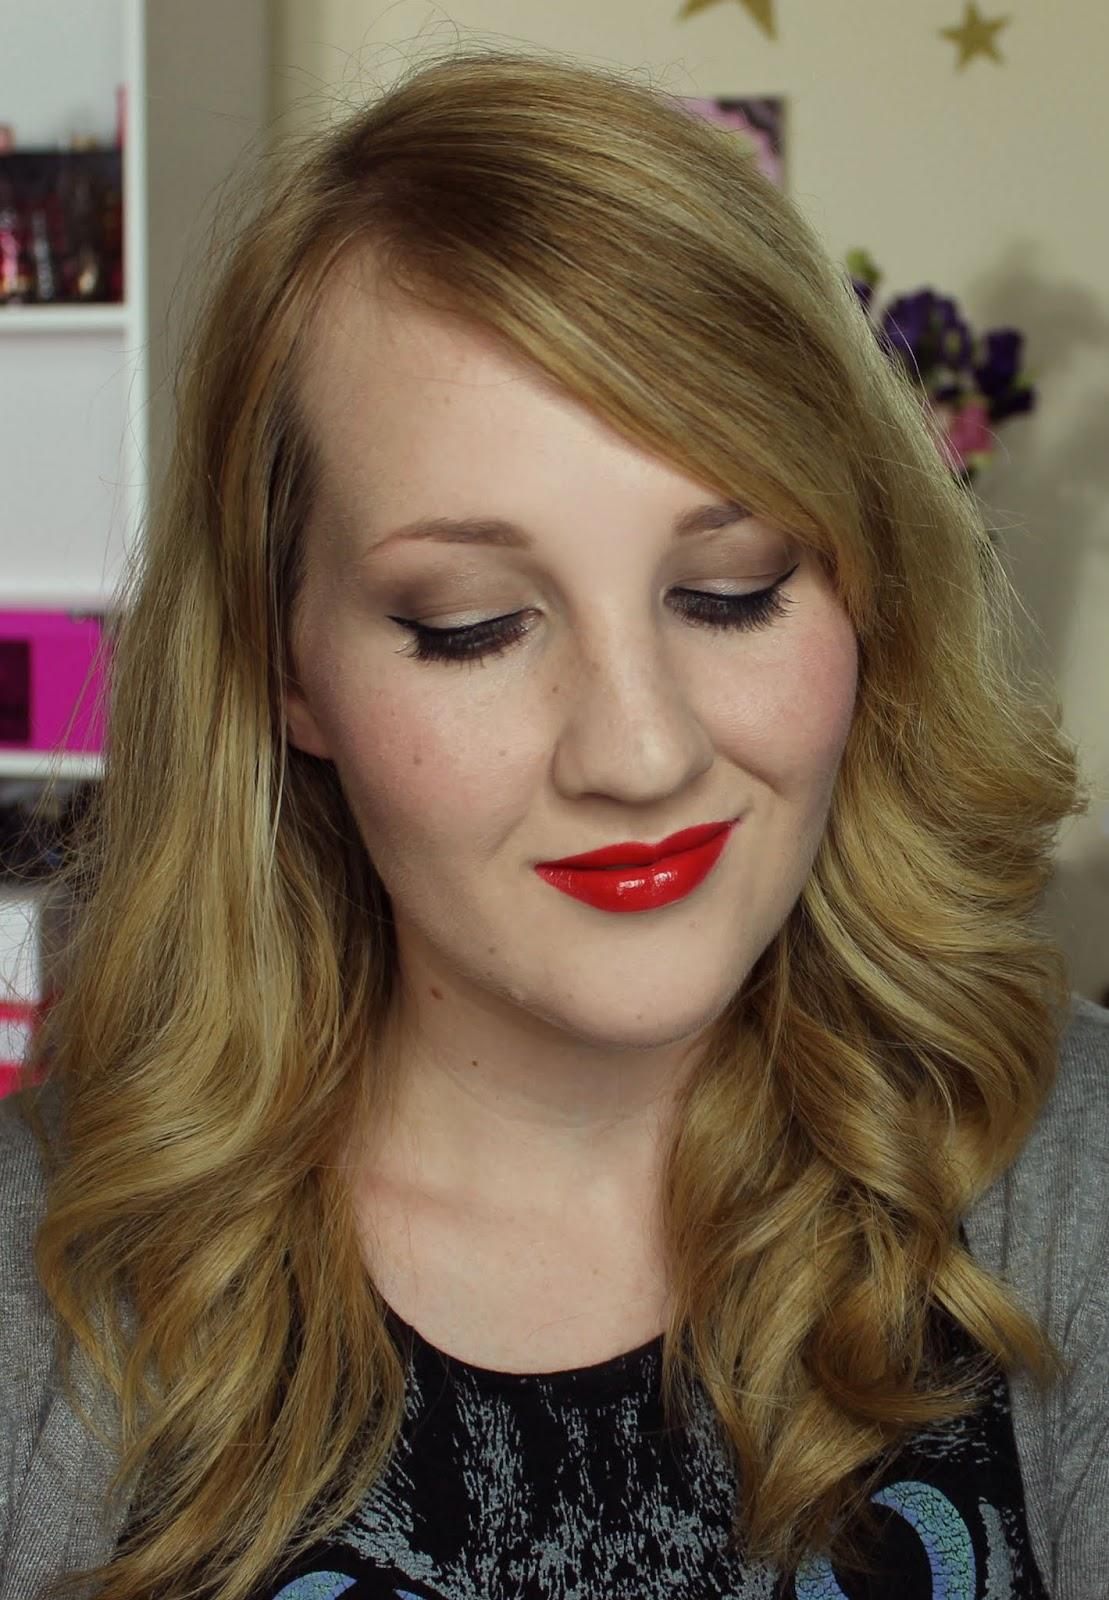 ZA Vibrant Moist Lipstick - RD444 swatches & review